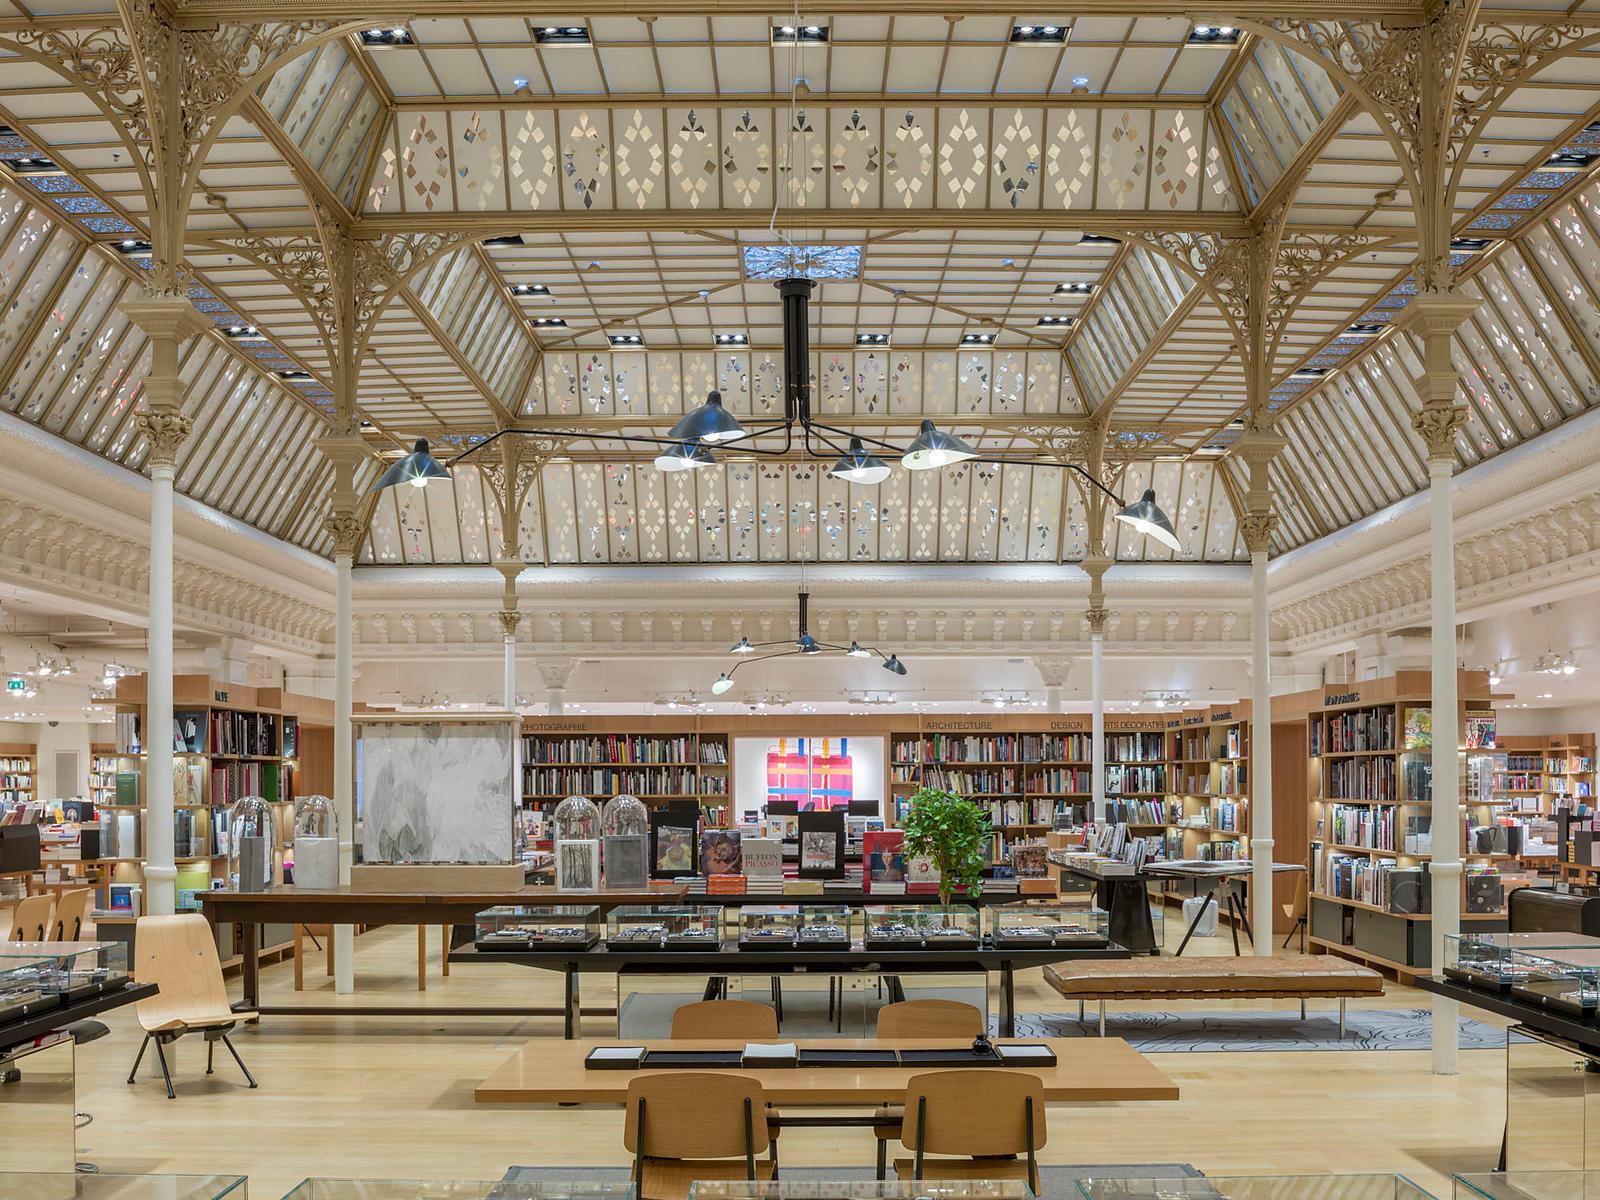 Architecture photographe paris retail interior more - Le bon marche adresse ...